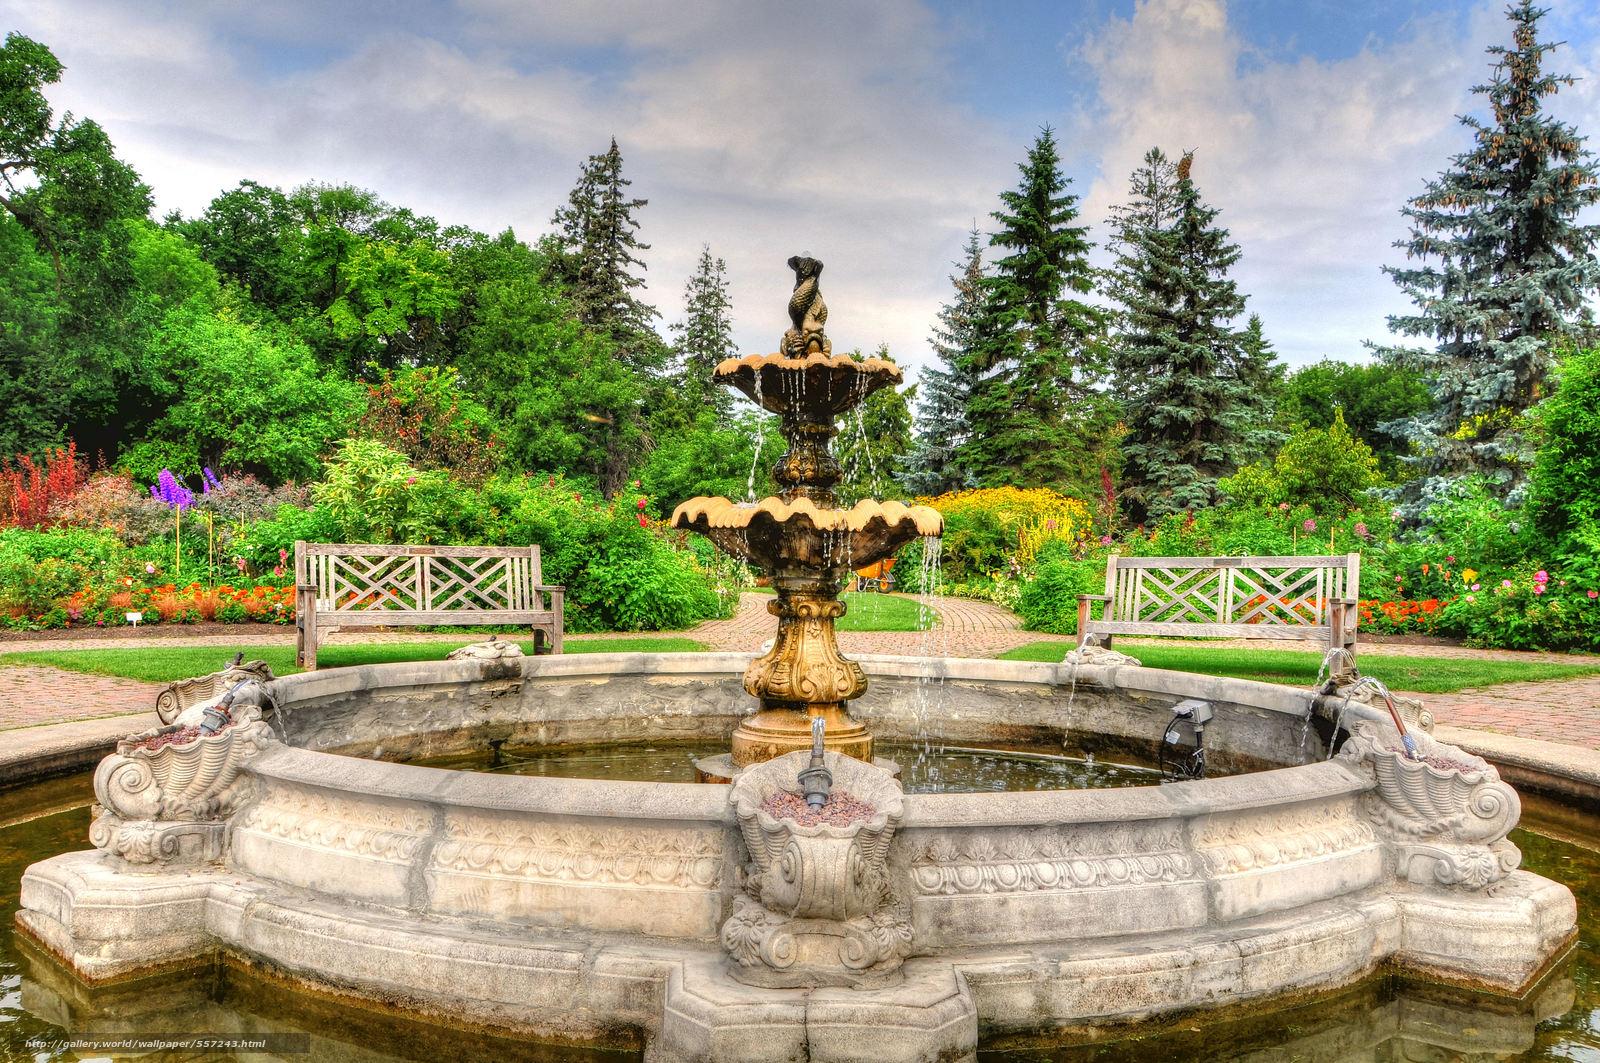 Tlcharger fond d 39 ecran parc assiniboine fontaine jardin anglais fonds d 39 ecran gratuits pour - Fond d ecran jardin anglais ...